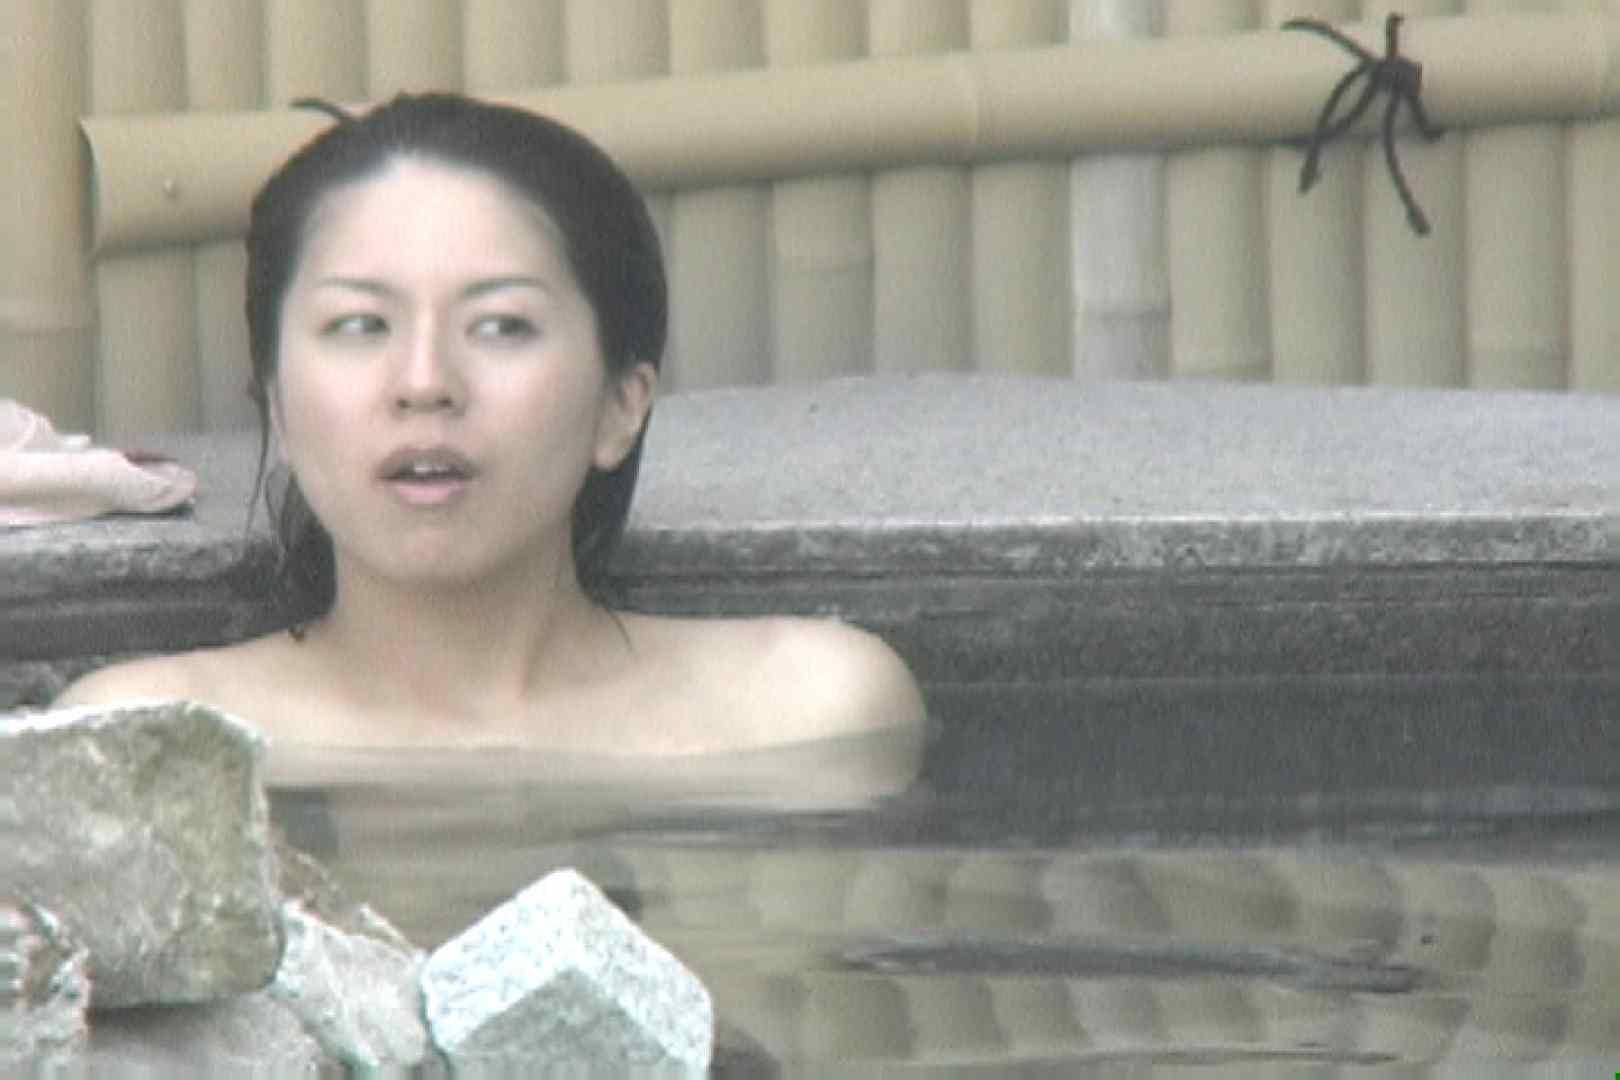 Aquaな露天風呂Vol.694 盗撮  110PICs 33